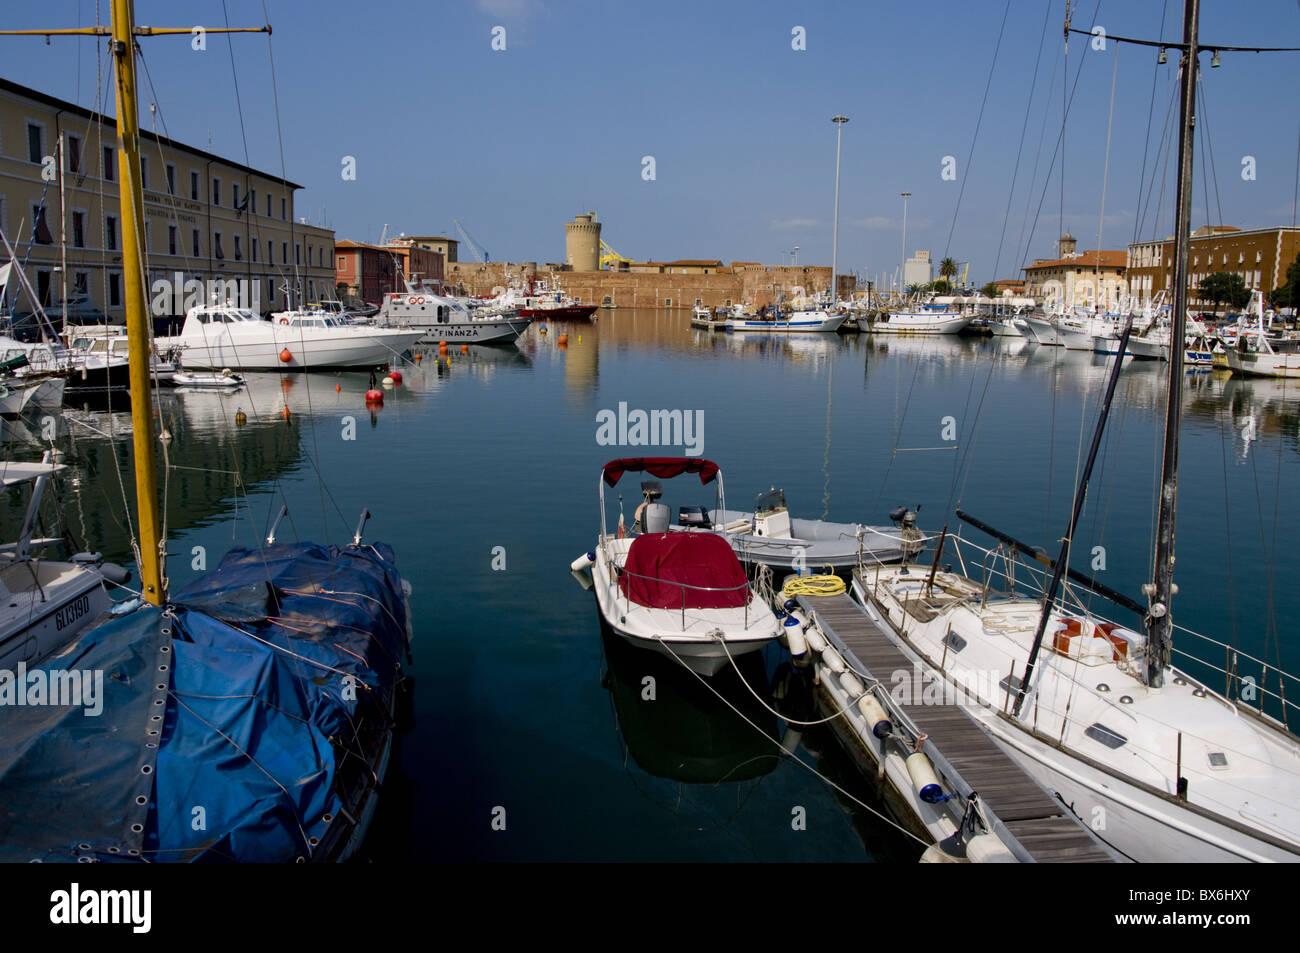 Livorno, Tuscany, Italy, Europe - Stock Image